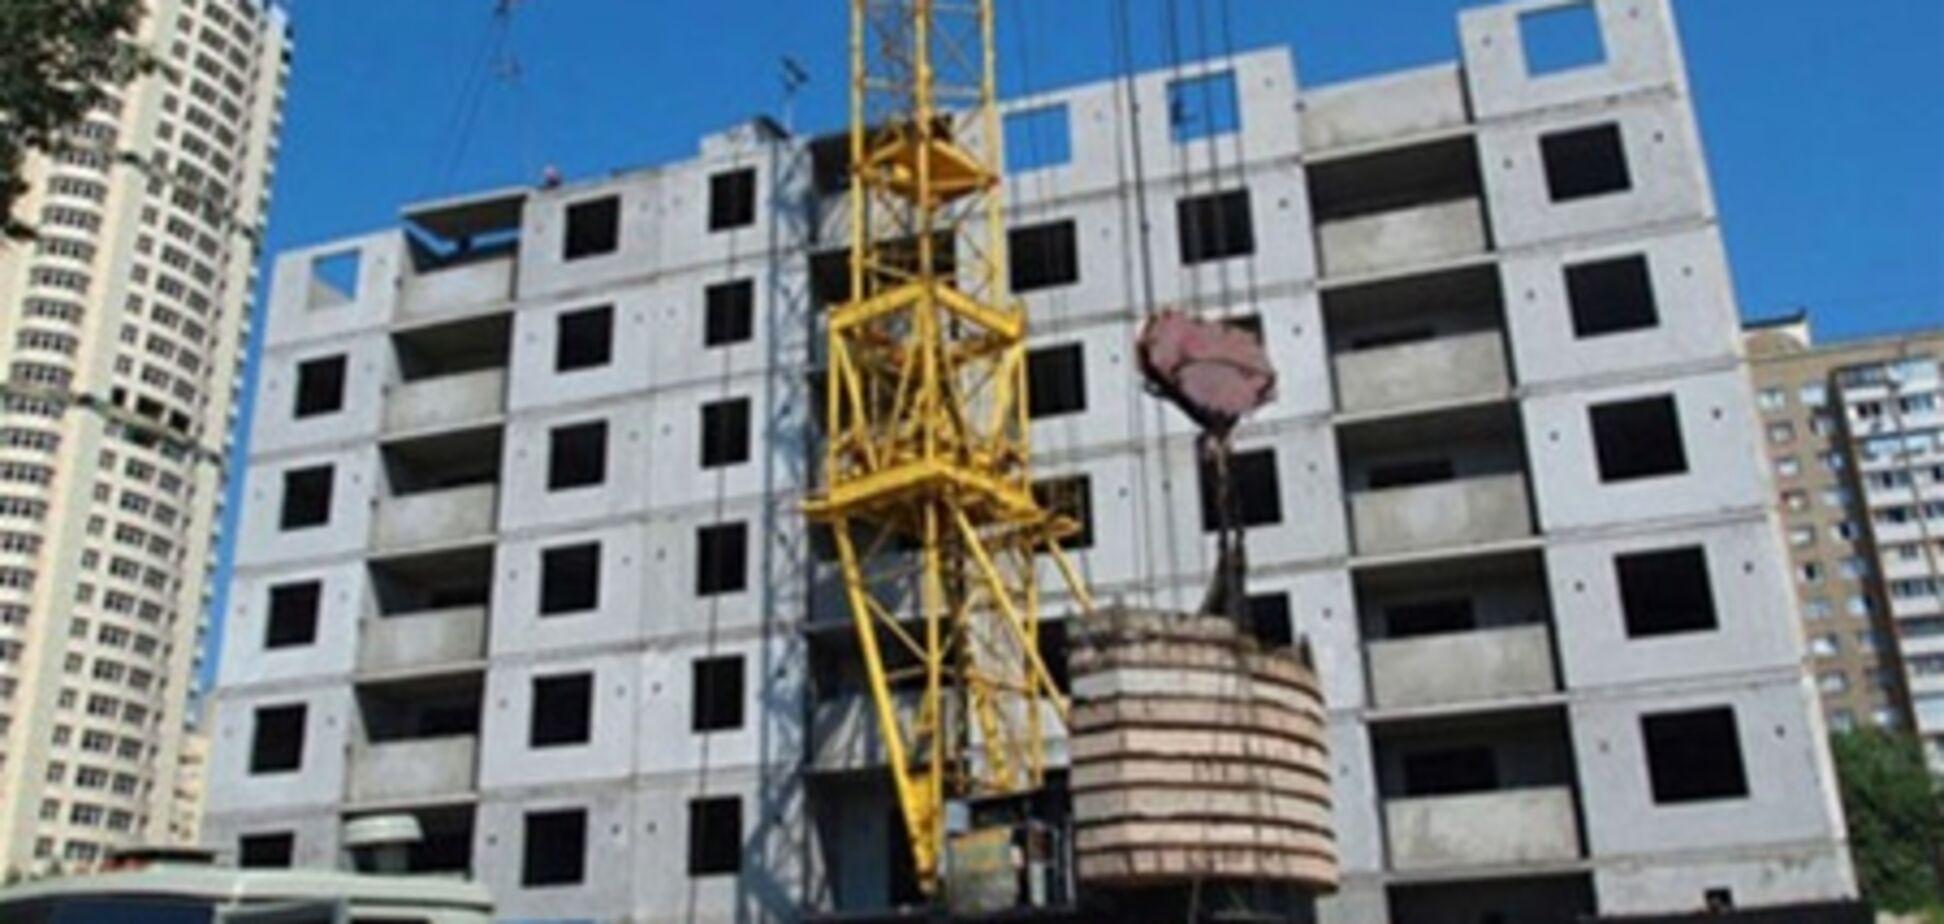 Украинские чиновники не заинтересованы в строительстве доступного жилья